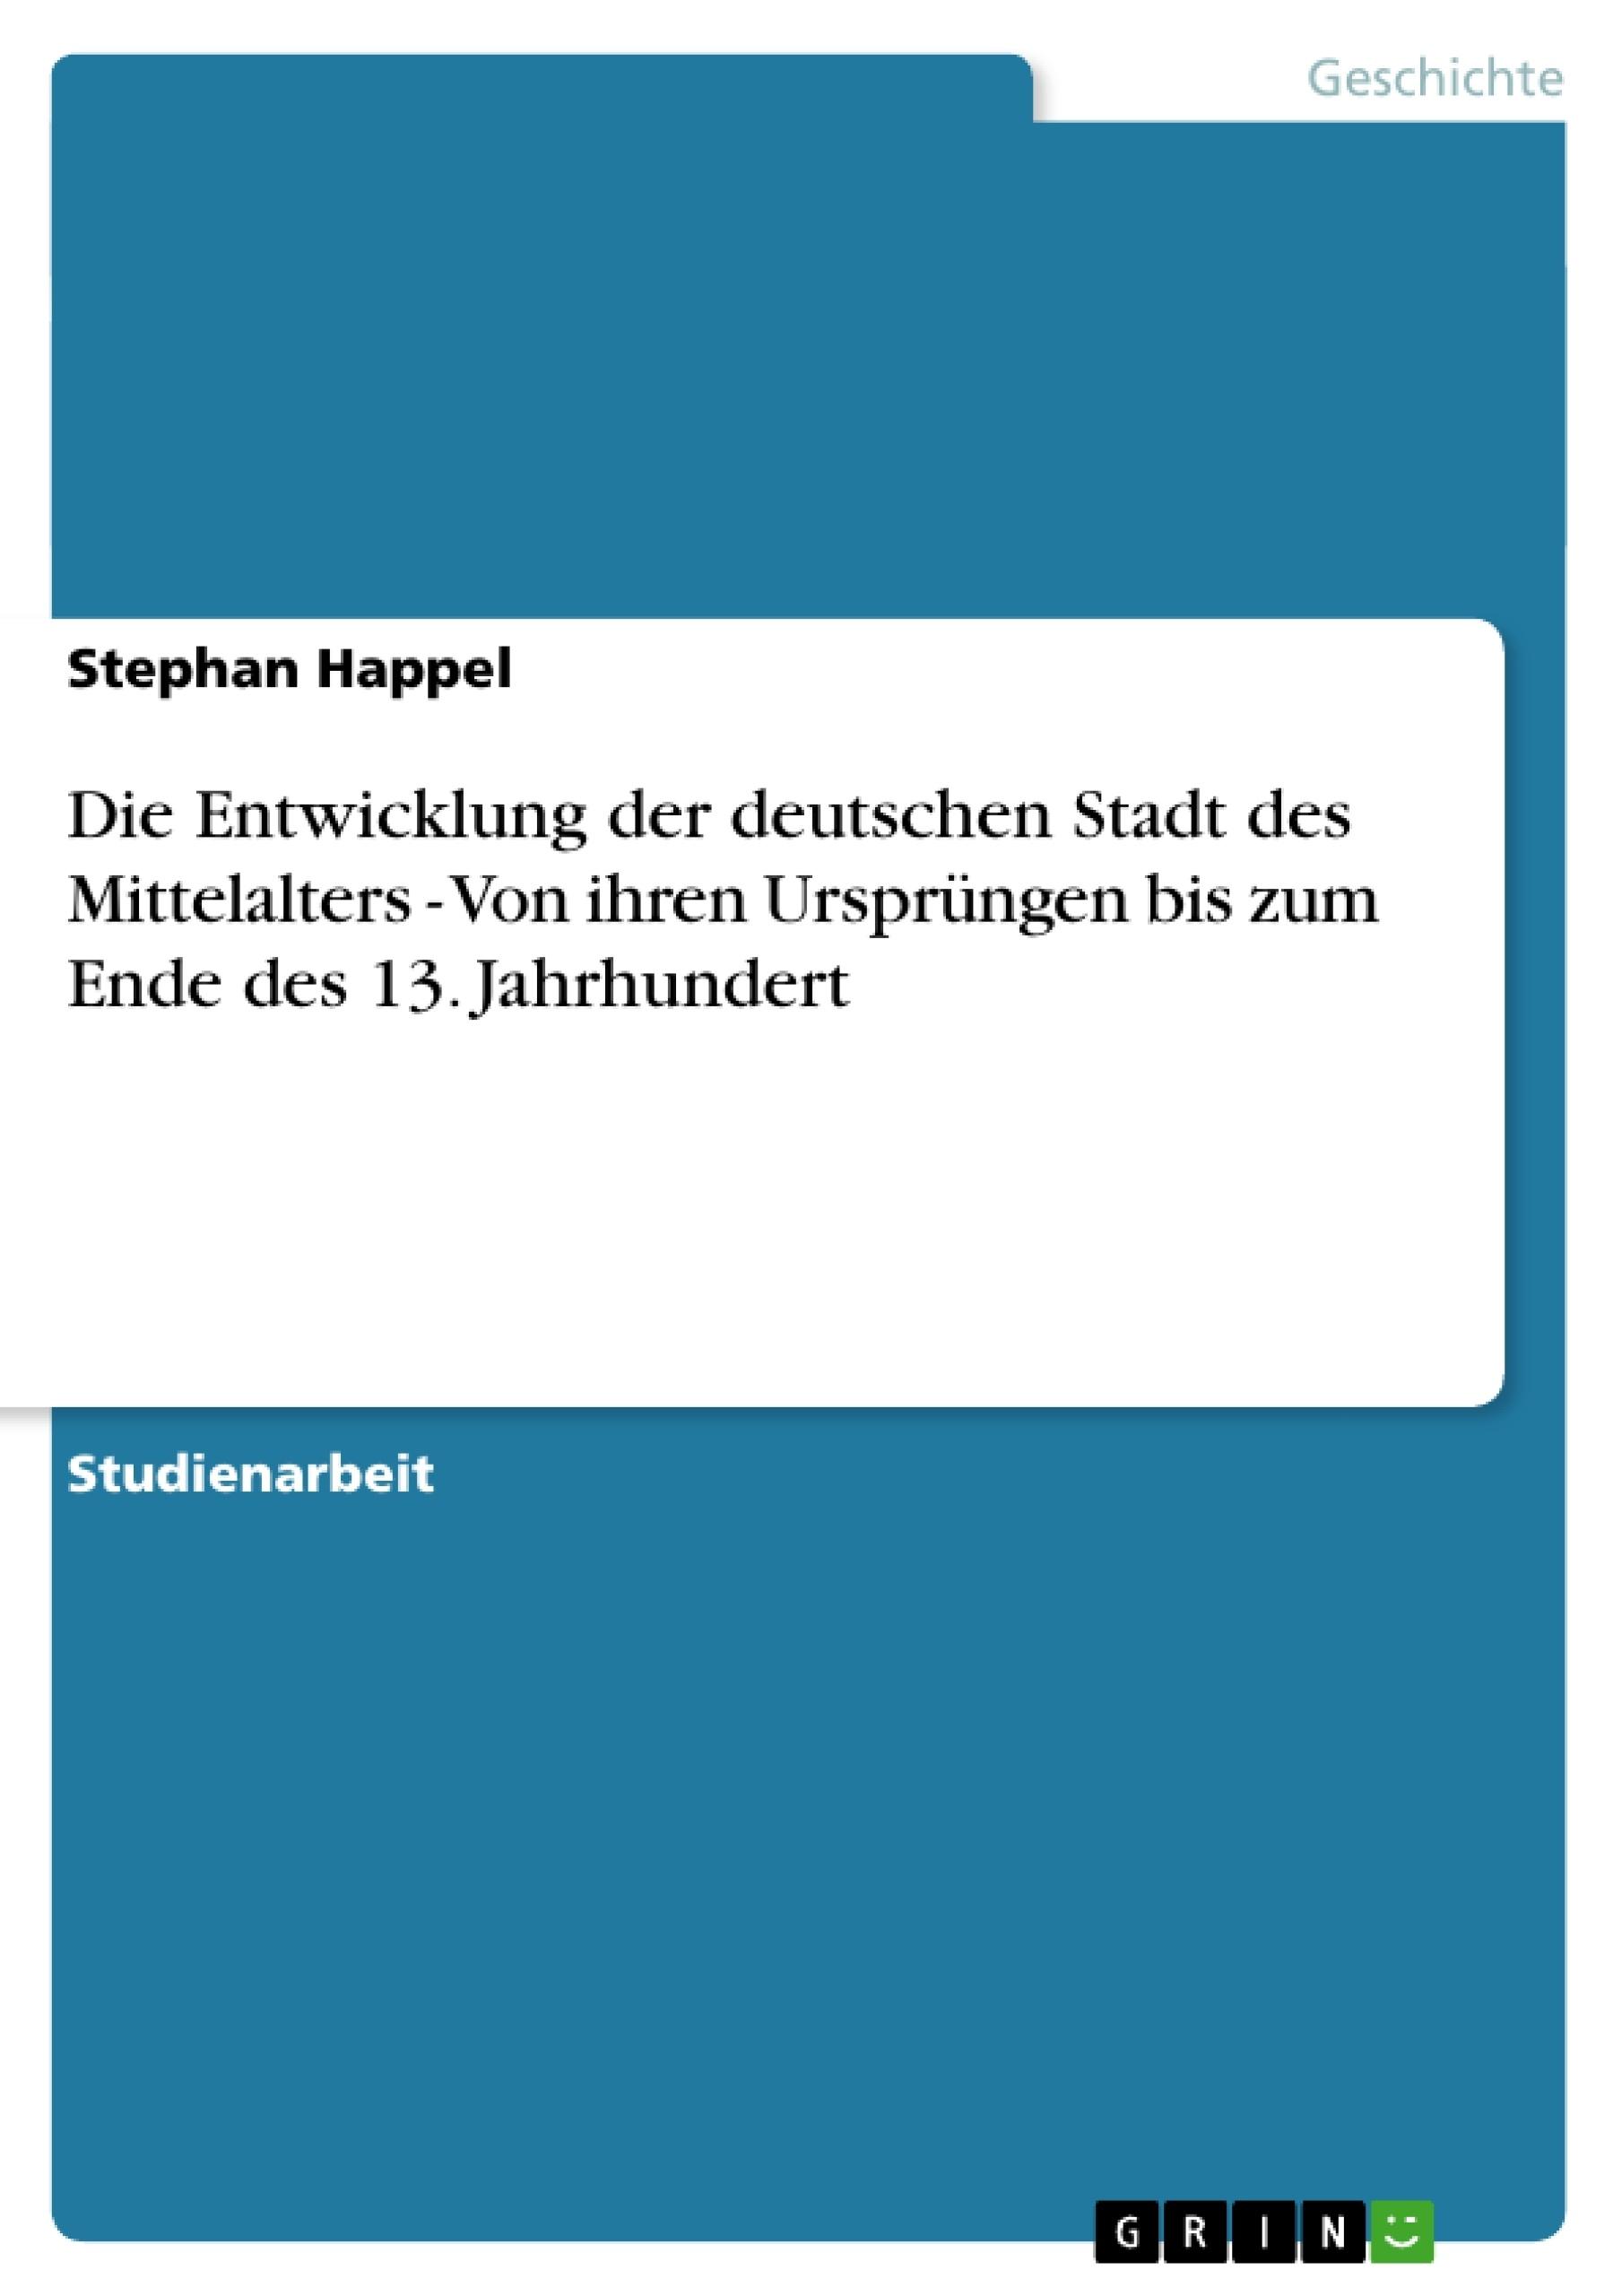 Titel: Die Entwicklung der deutschen Stadt des Mittelalters  -  Von ihren Ursprüngen bis zum Ende des 13. Jahrhundert